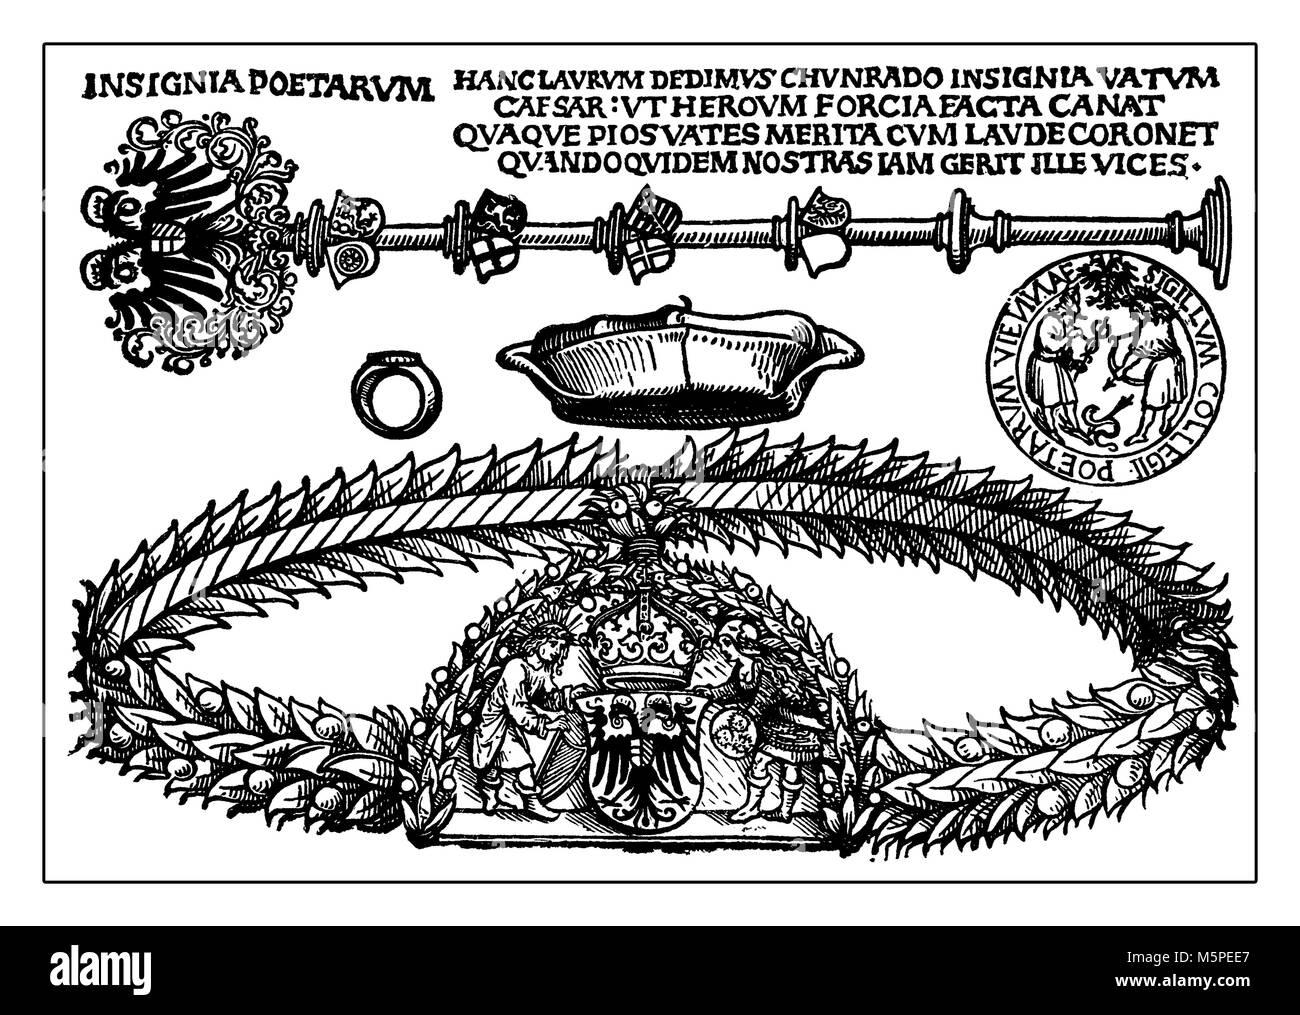 Royal Court poet Insignia, Reproduktion von Albrecht Dürer Kupferstich, Deutschland, 15. Jahrhundert Stockbild